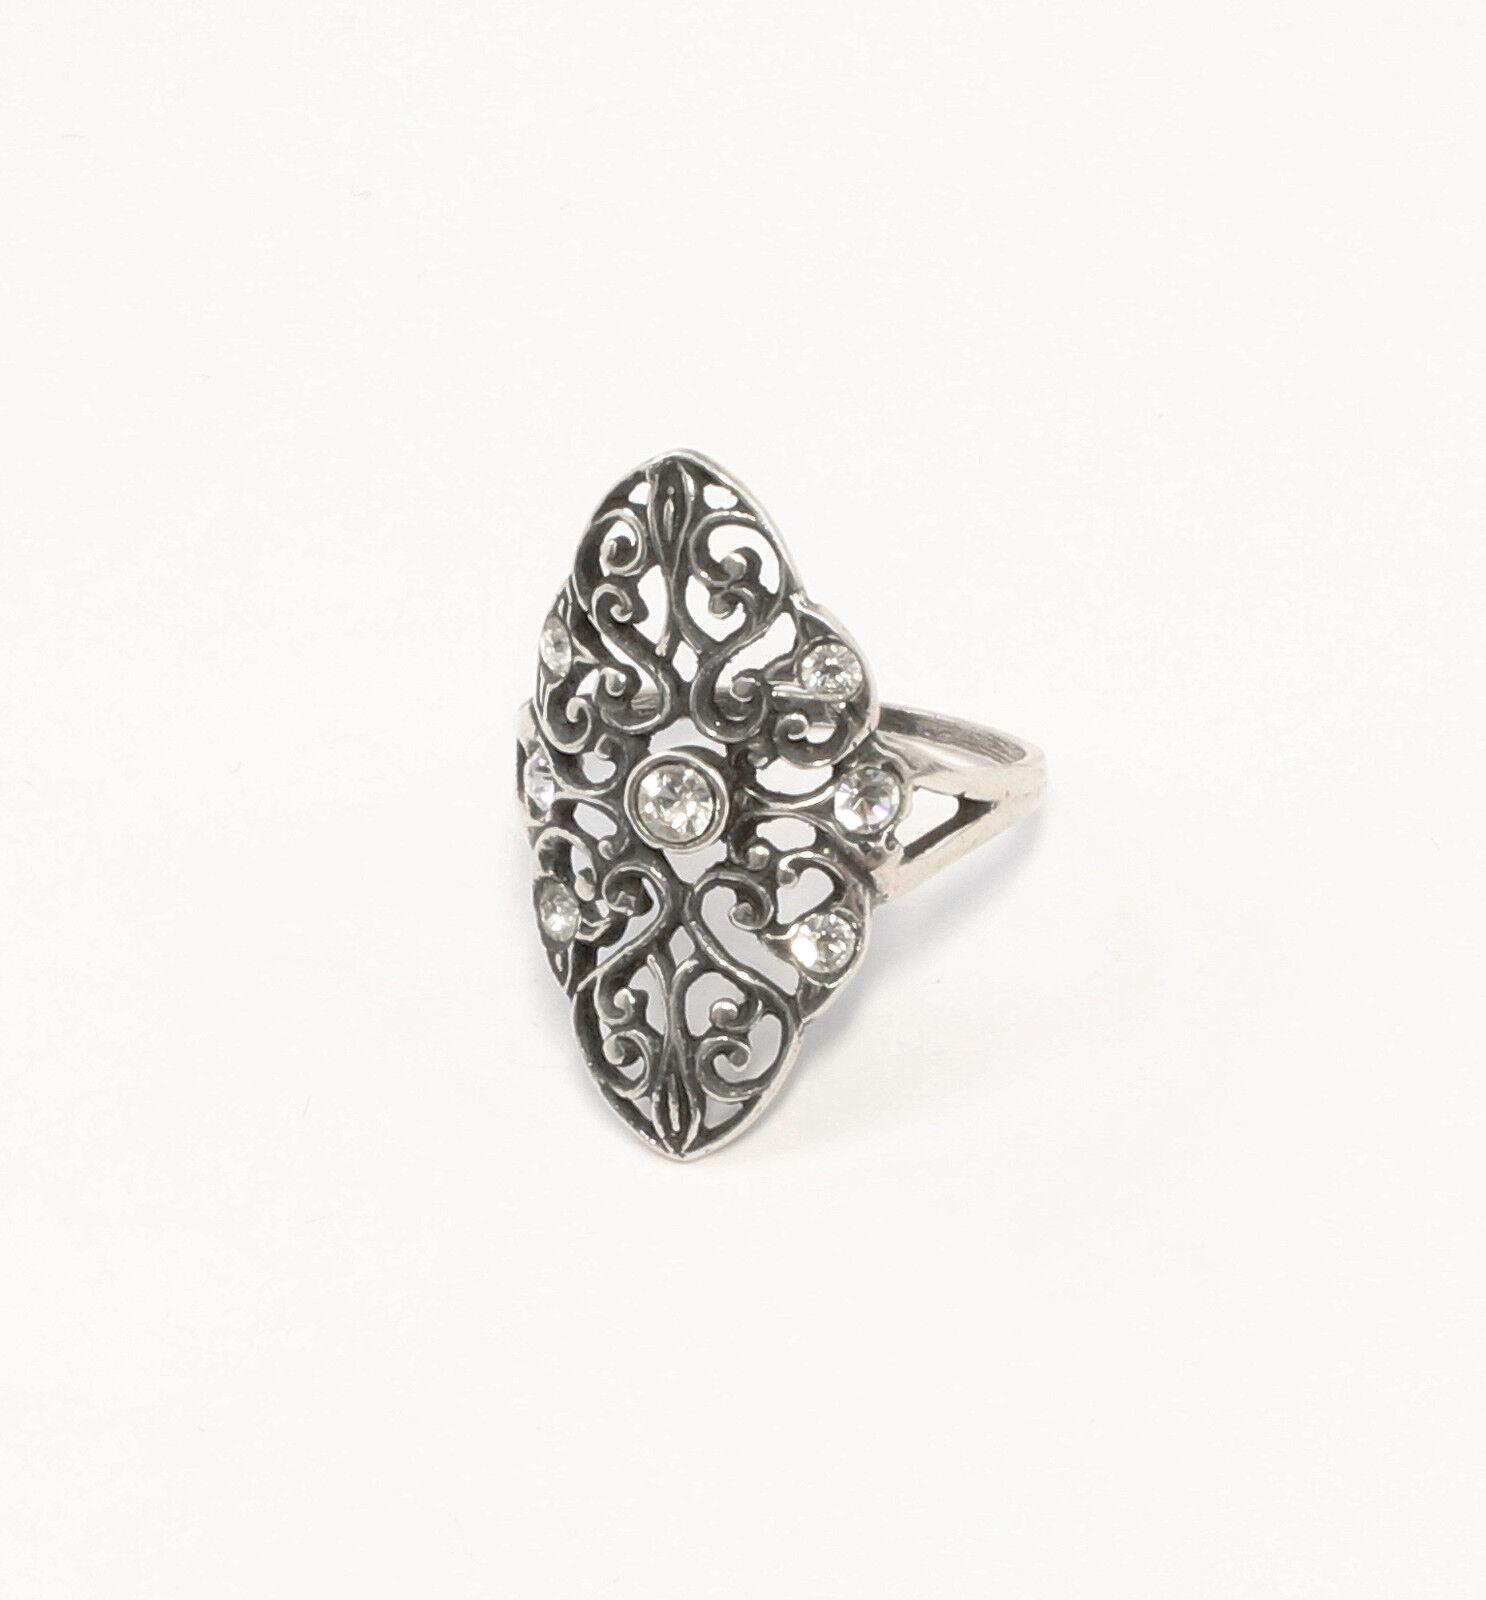 925er silver Ring mit Swarovski-Steinen Gr. 52 gewundene Form 9901393